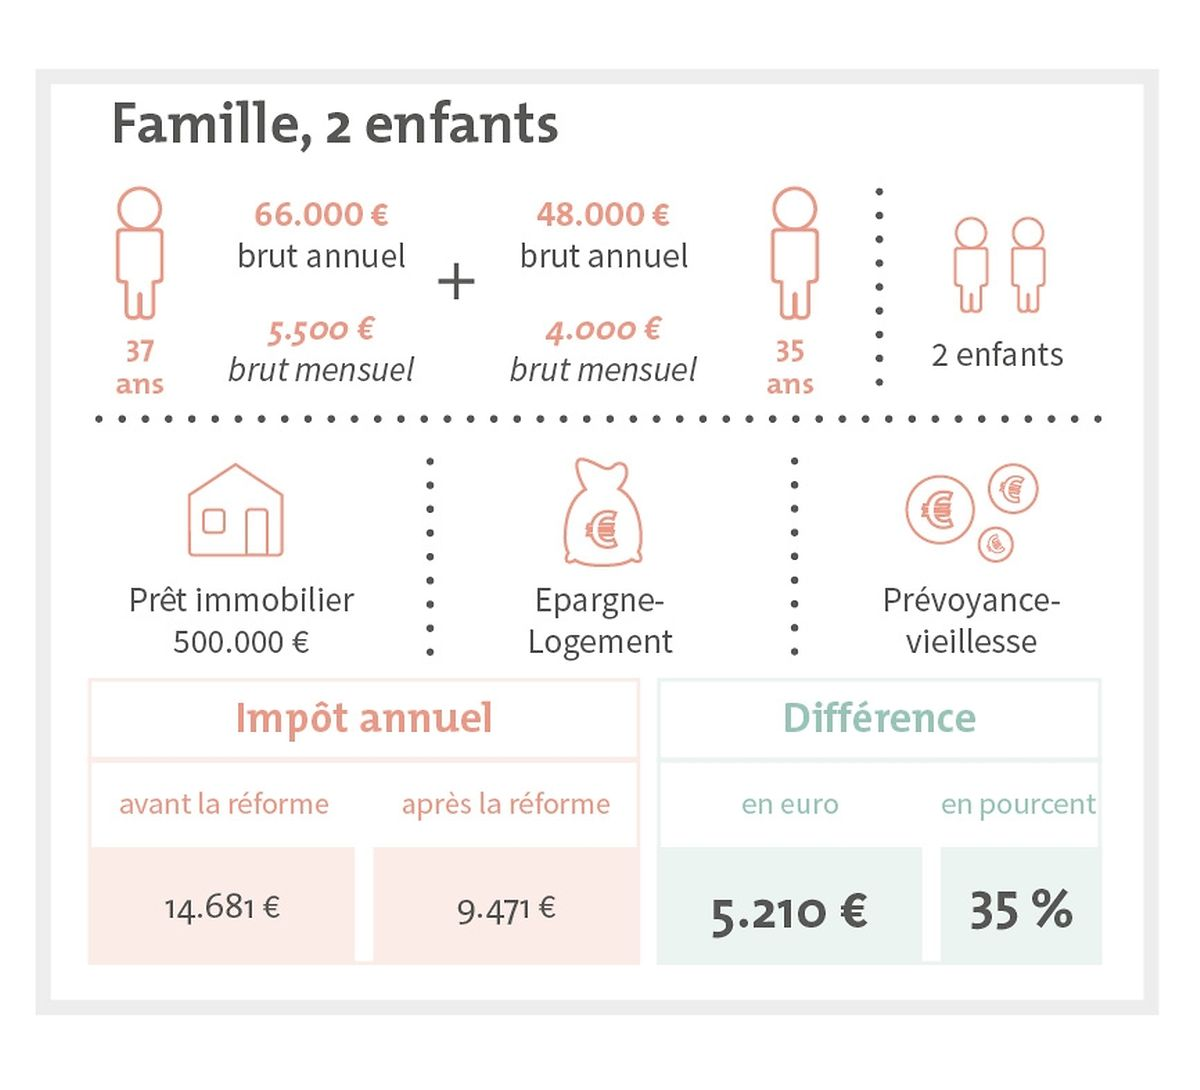 Die Grafik zeigt die Steuererleichterungen für eine Doppelverdiener-Familie mit zwei Kindern, die einen Immobilienkredit abbezahlt, einen Bausparvertrag sowie eine Rentenzusatzversicherung besitzt.